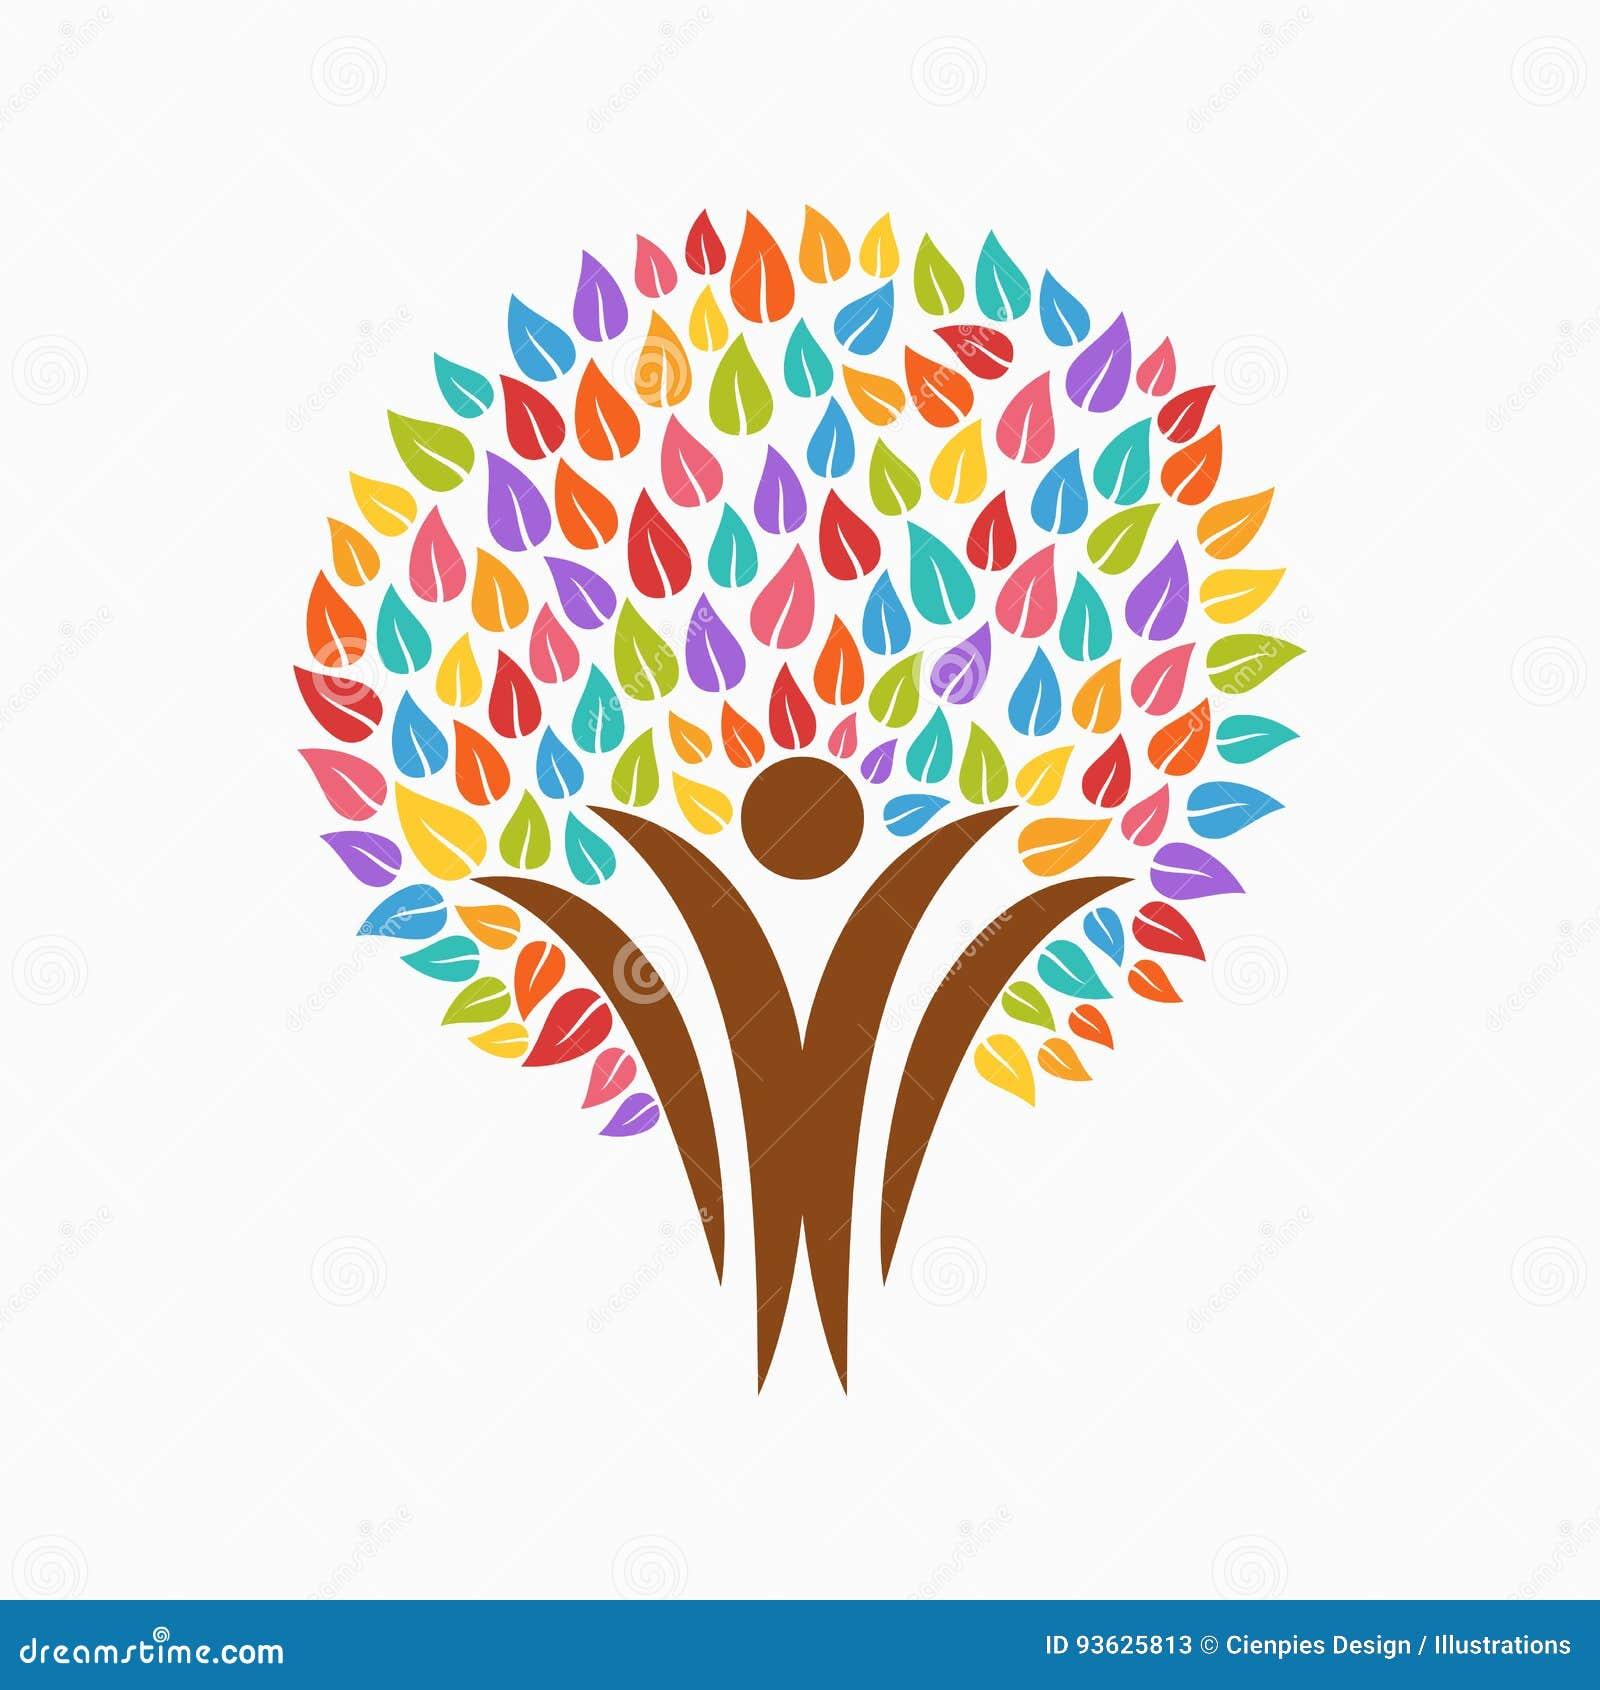 Color tree people symbol for community team help stock vector color tree people symbol for community team help buycottarizona